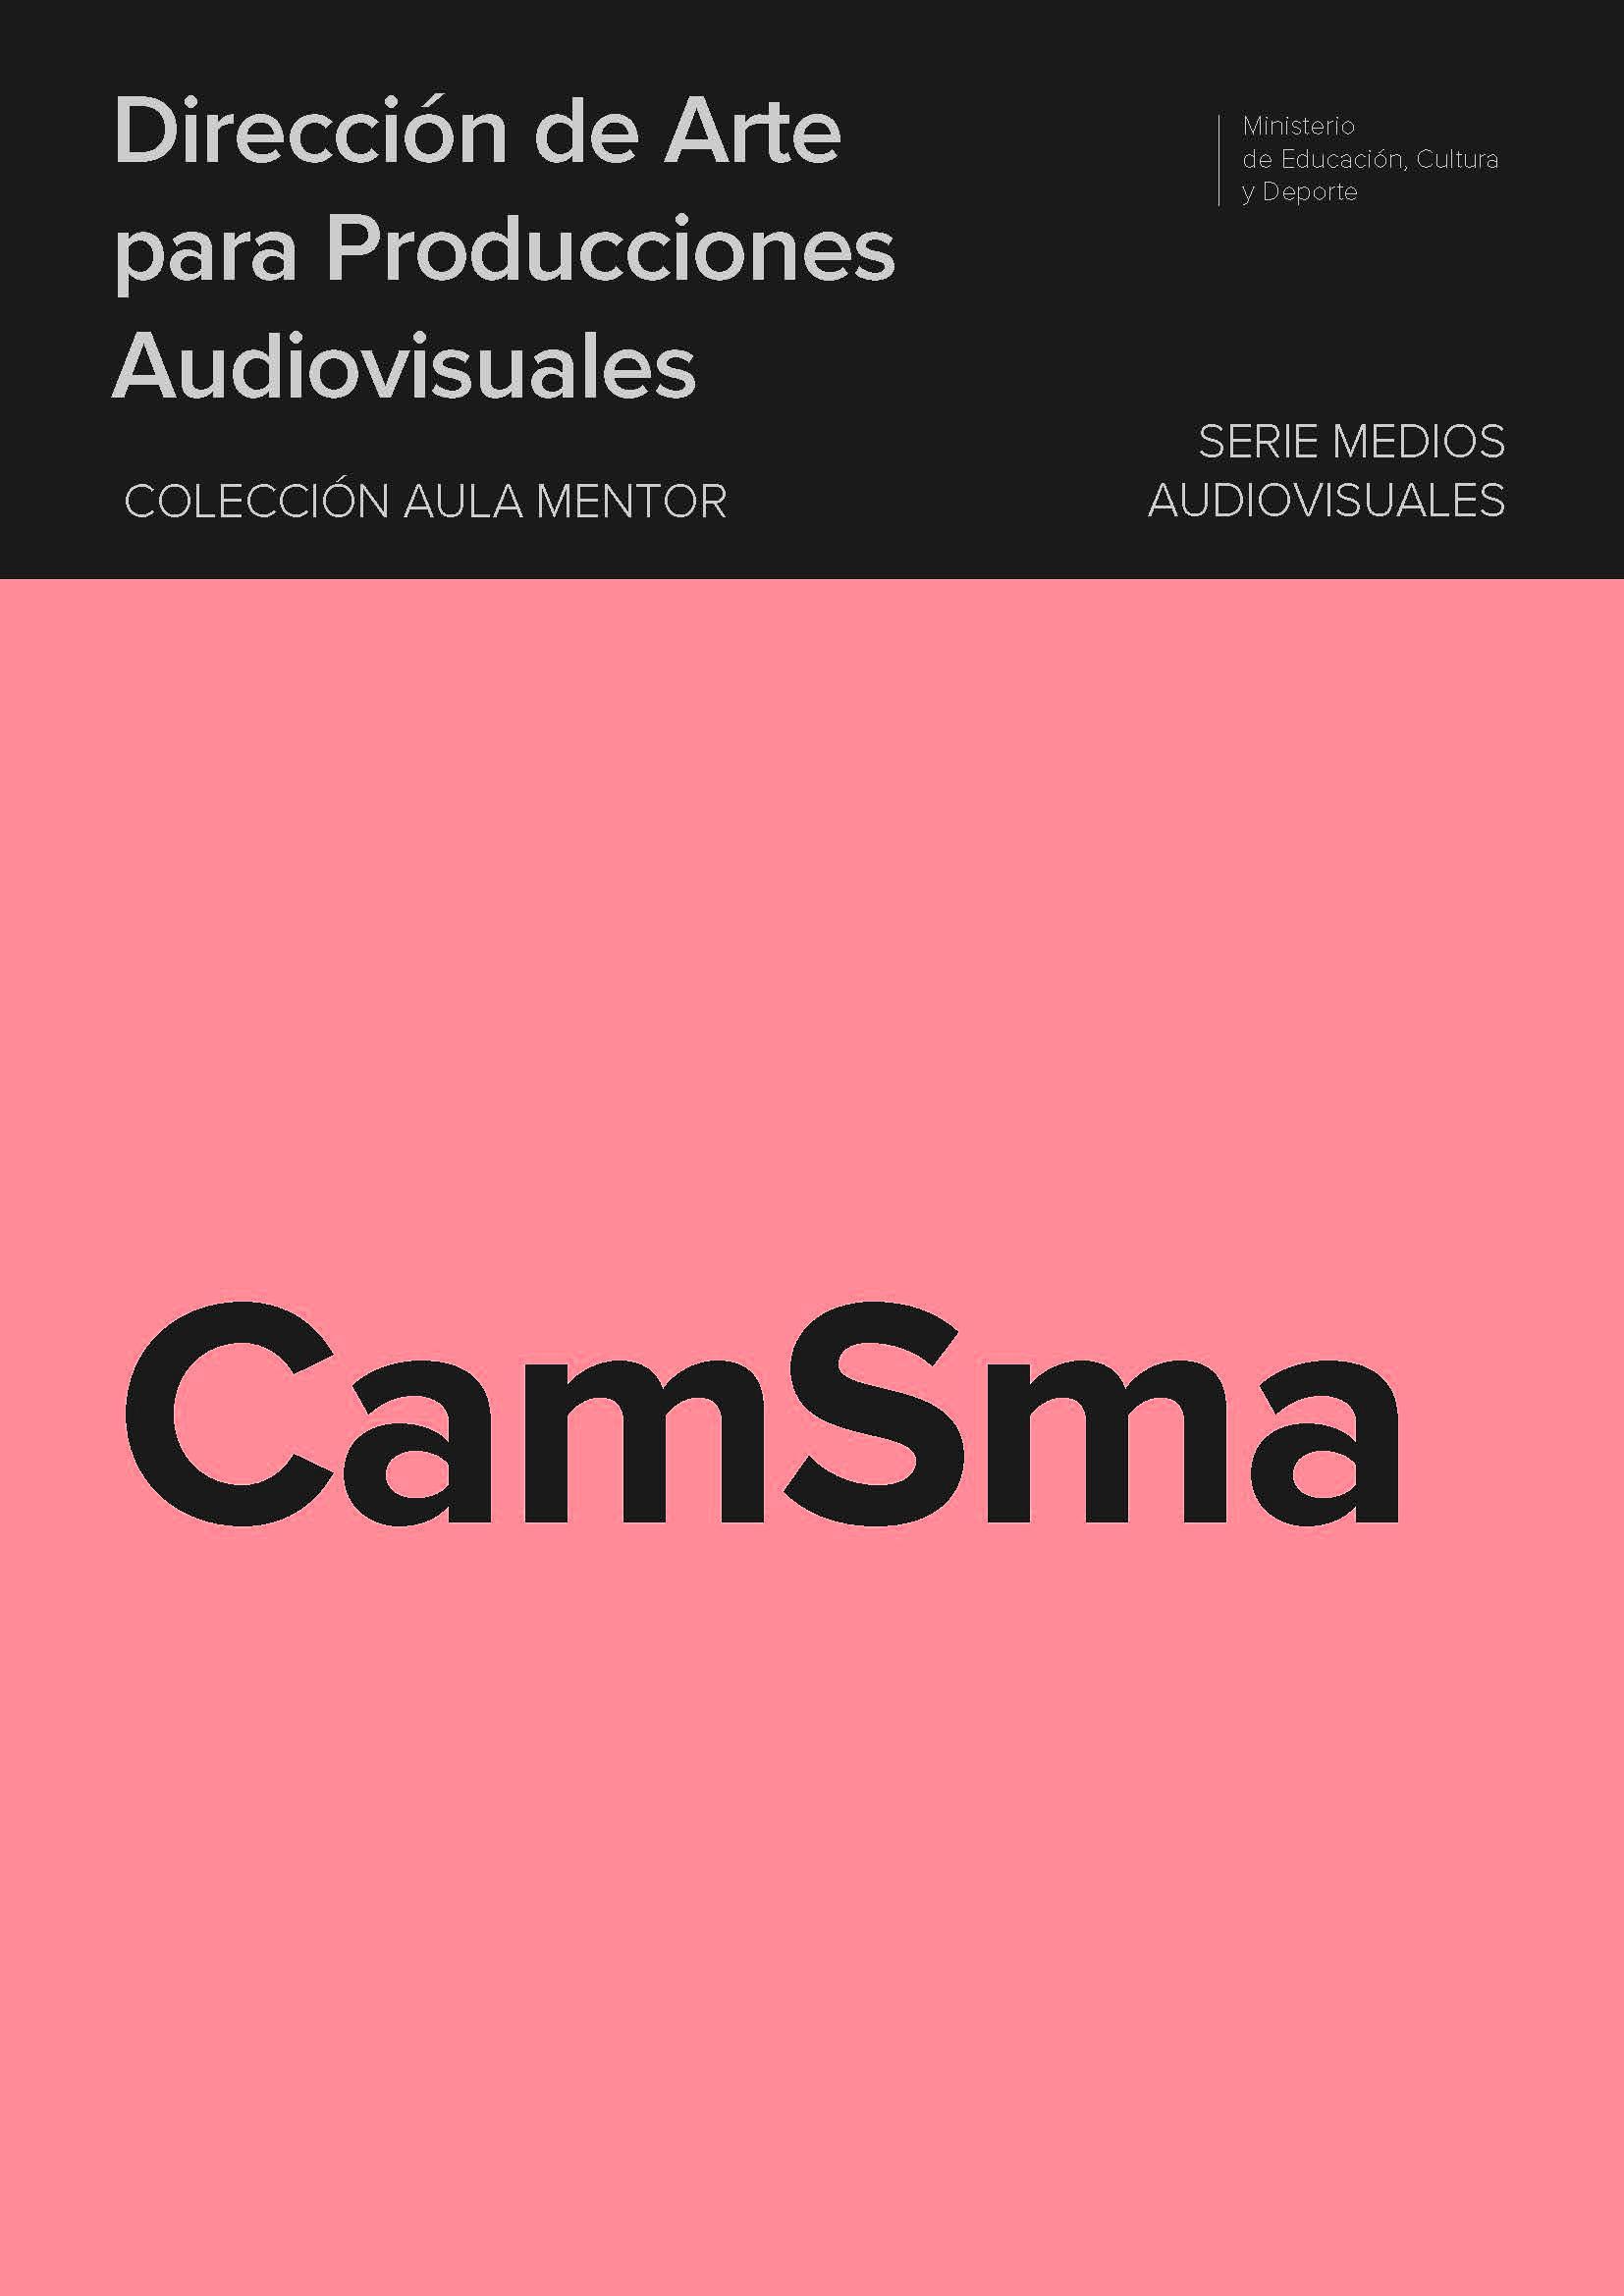 IN_Portada de Dirección de Arte para producciones audiovisuales